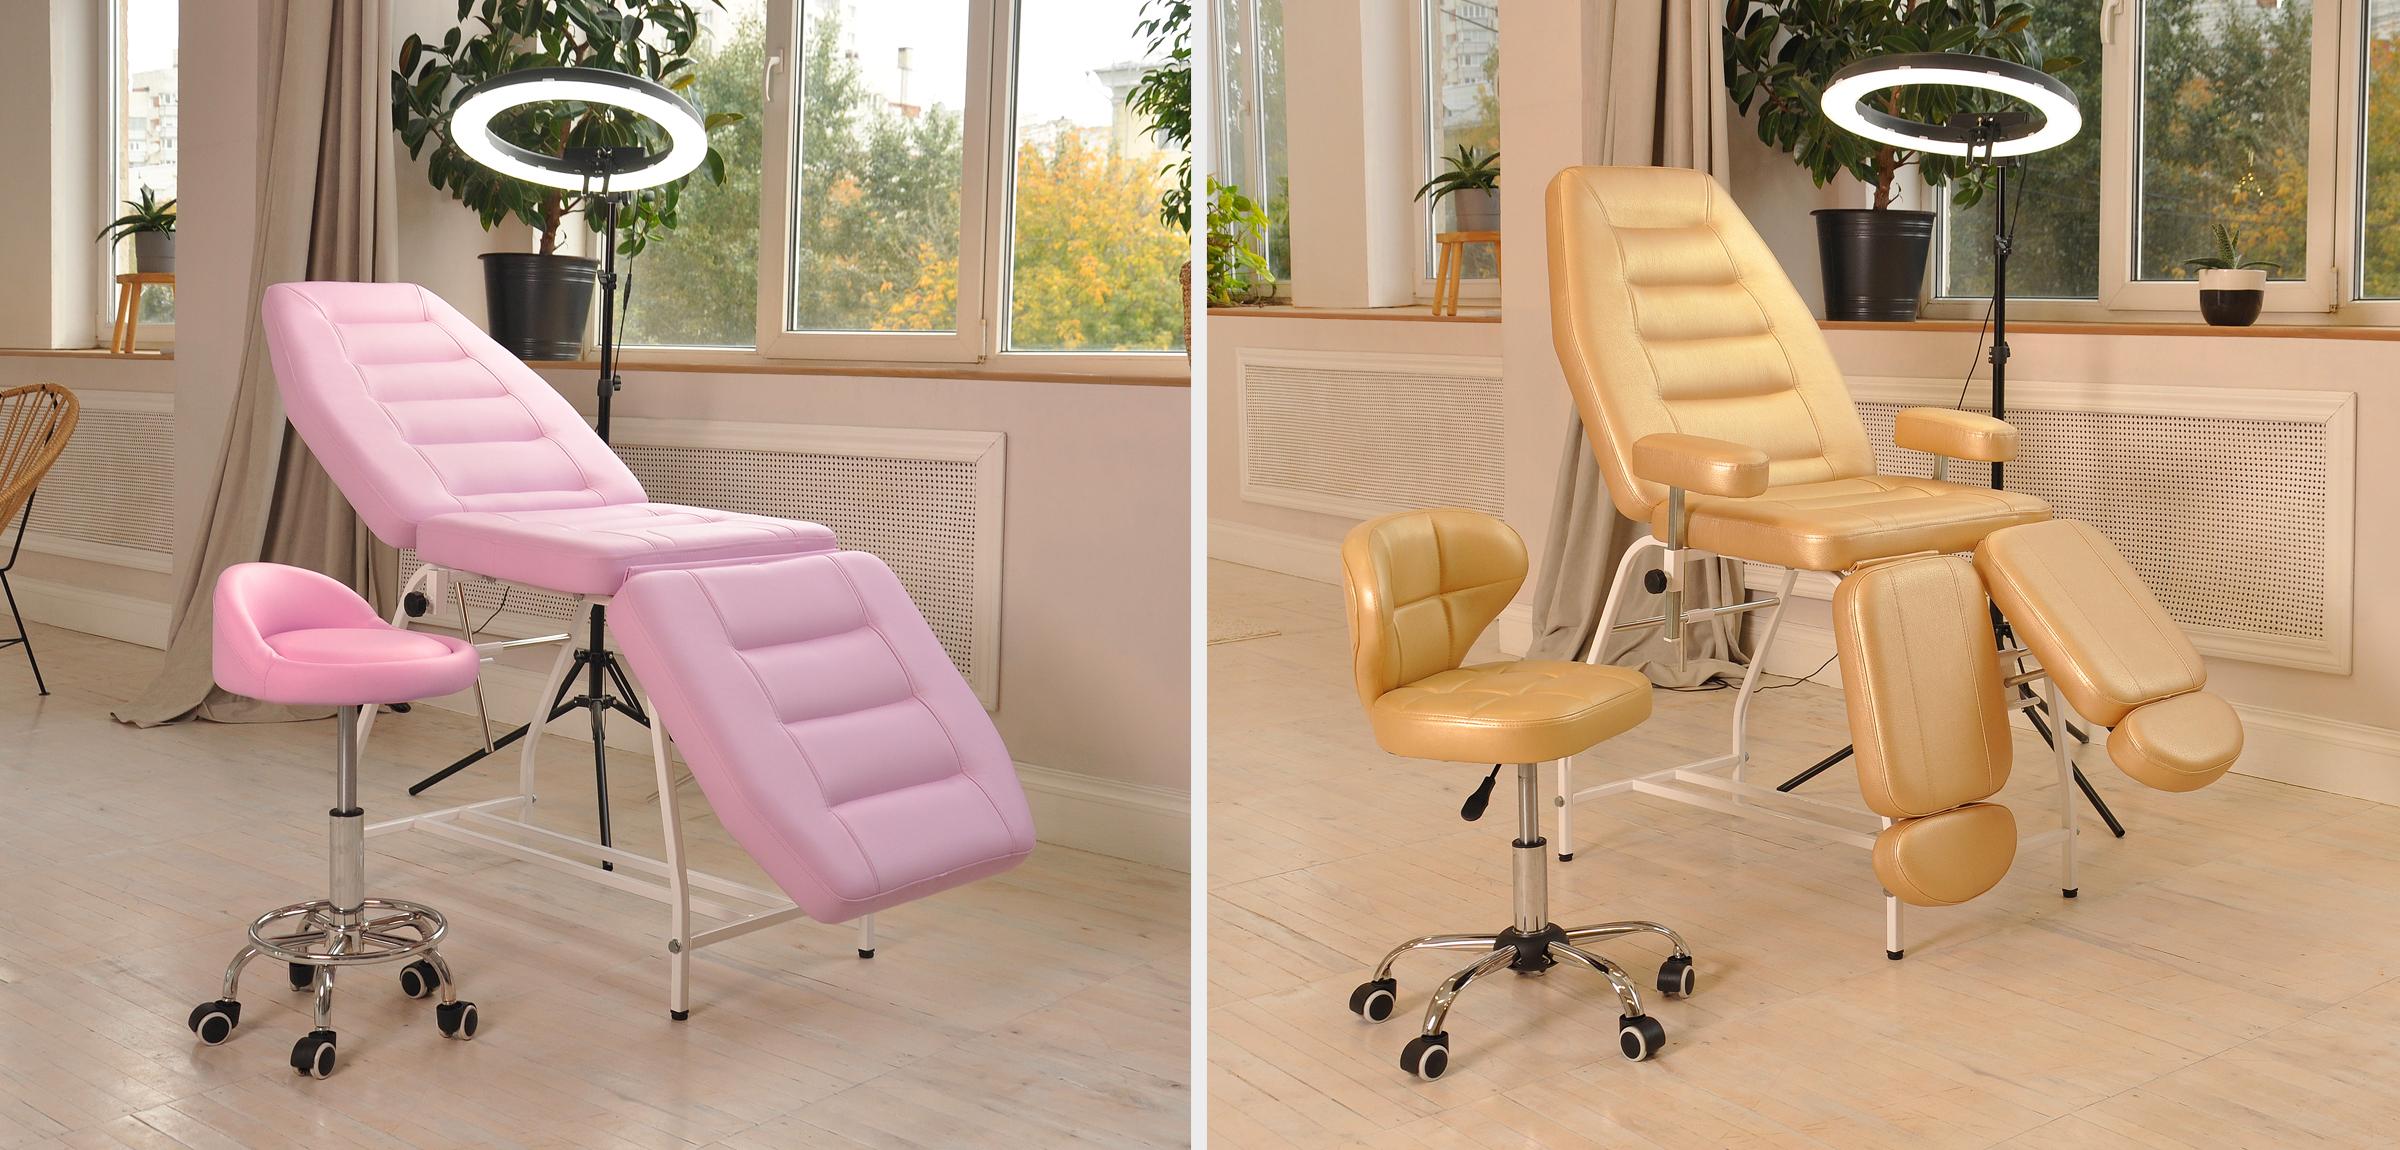 Фотосъемка мебели для салонов красоты